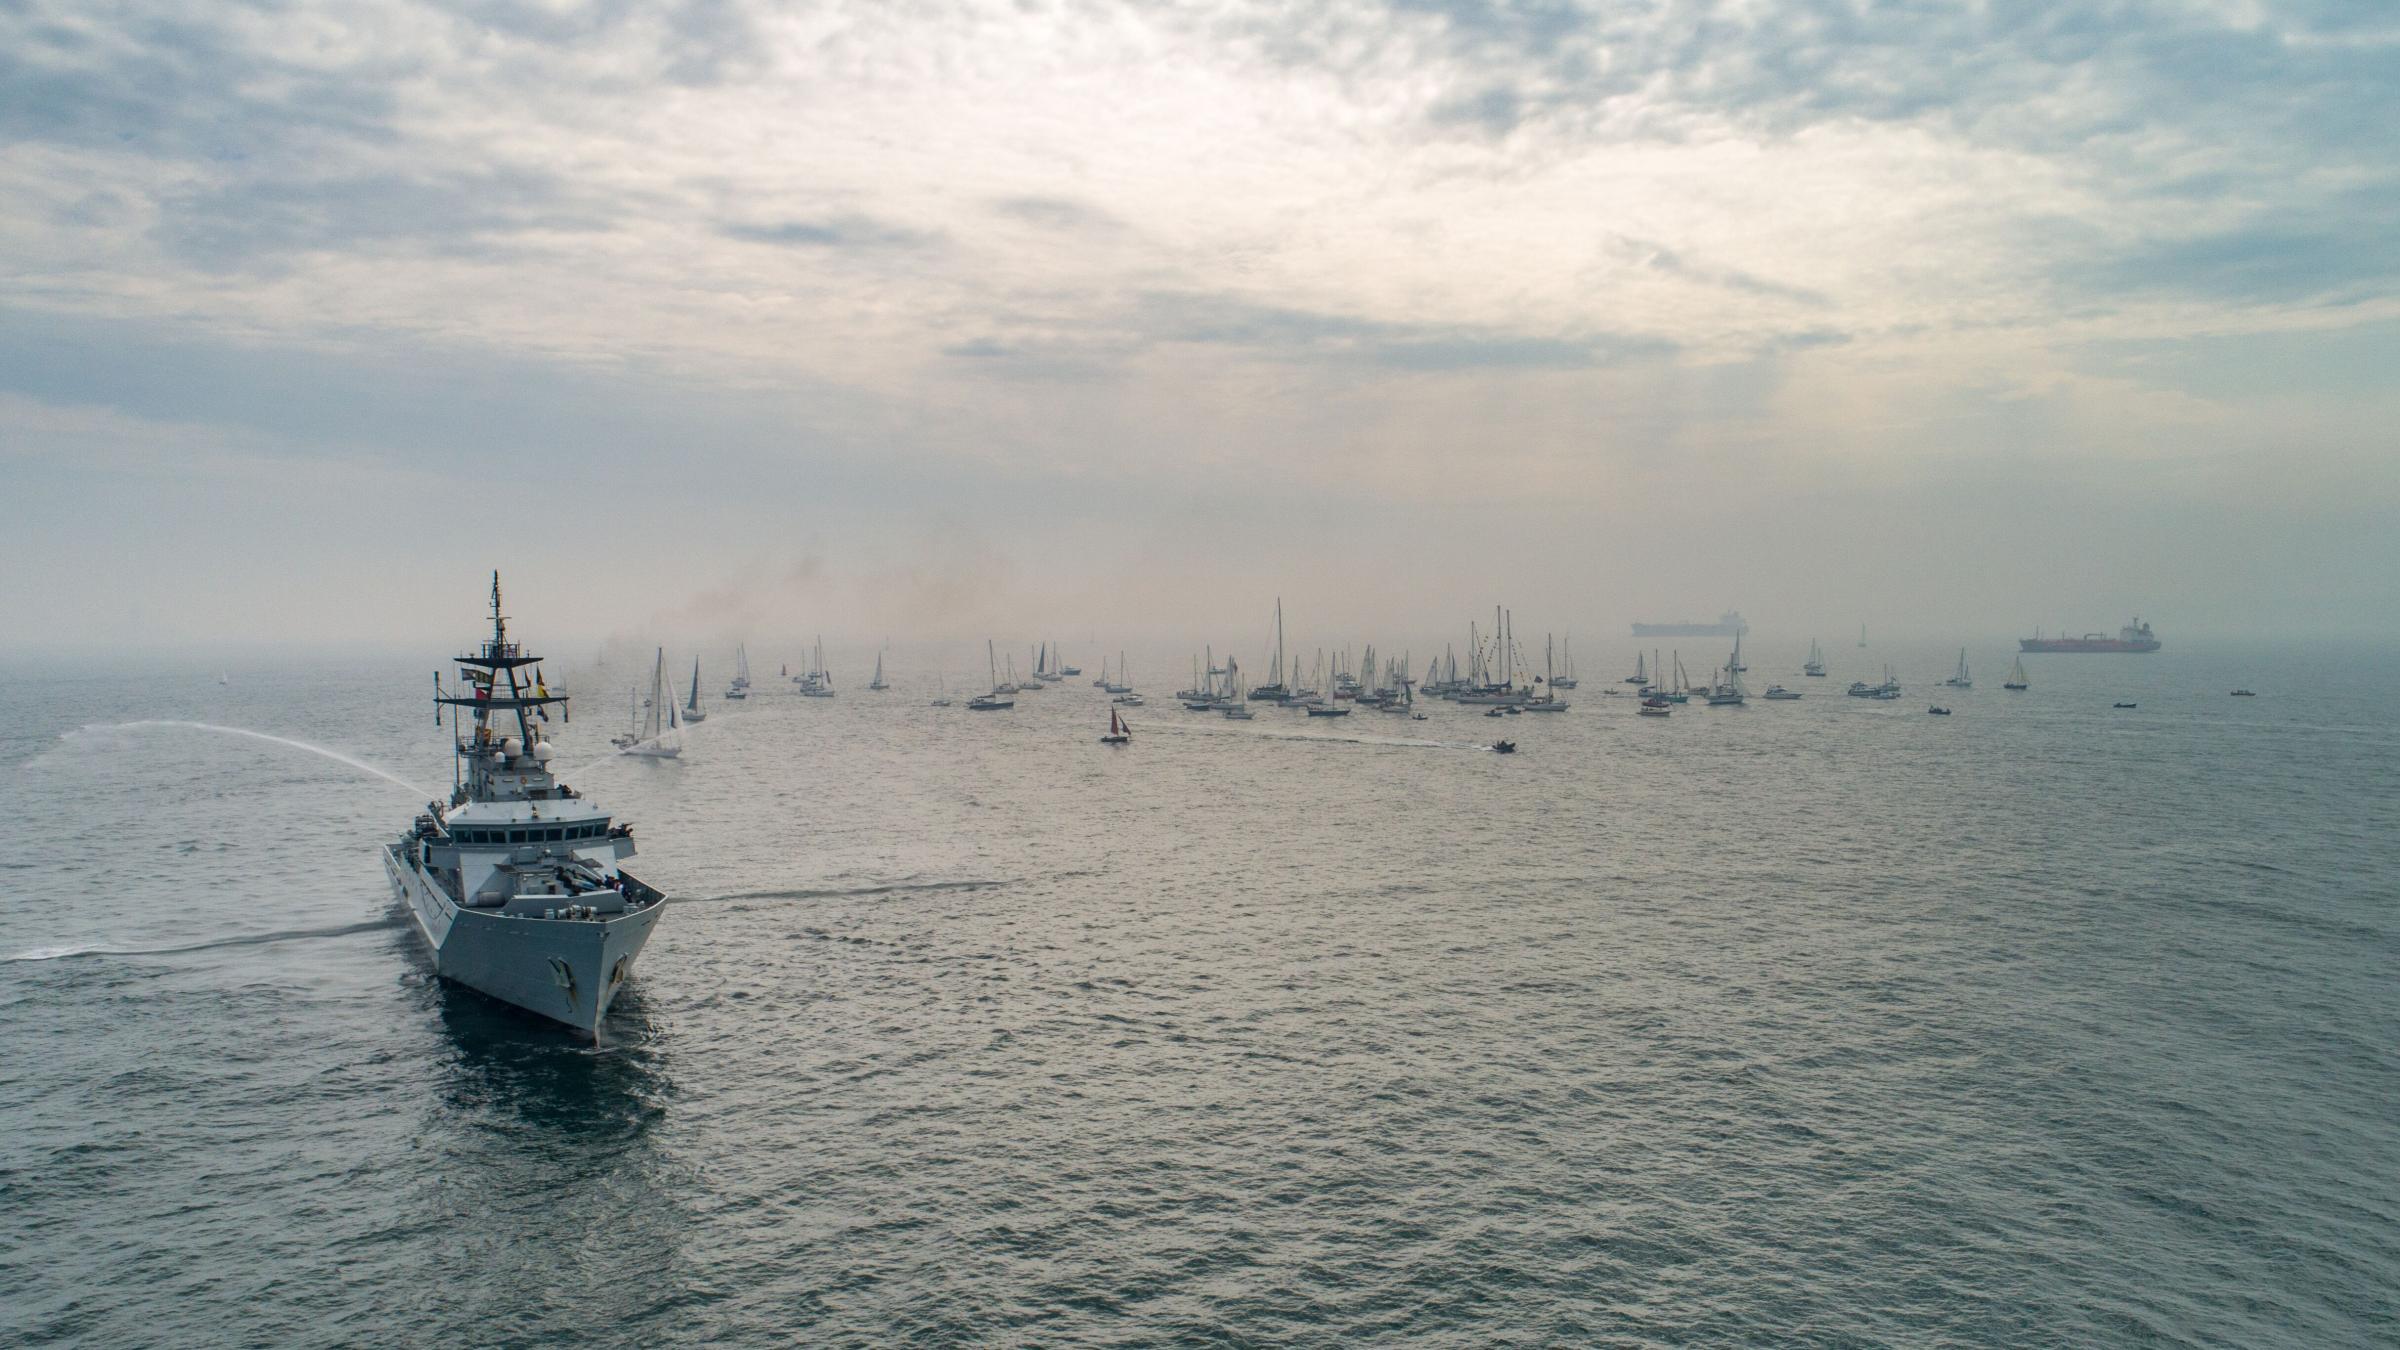 Sir Robin Knox-Johnston's 2019 parade of sail in Falmouth